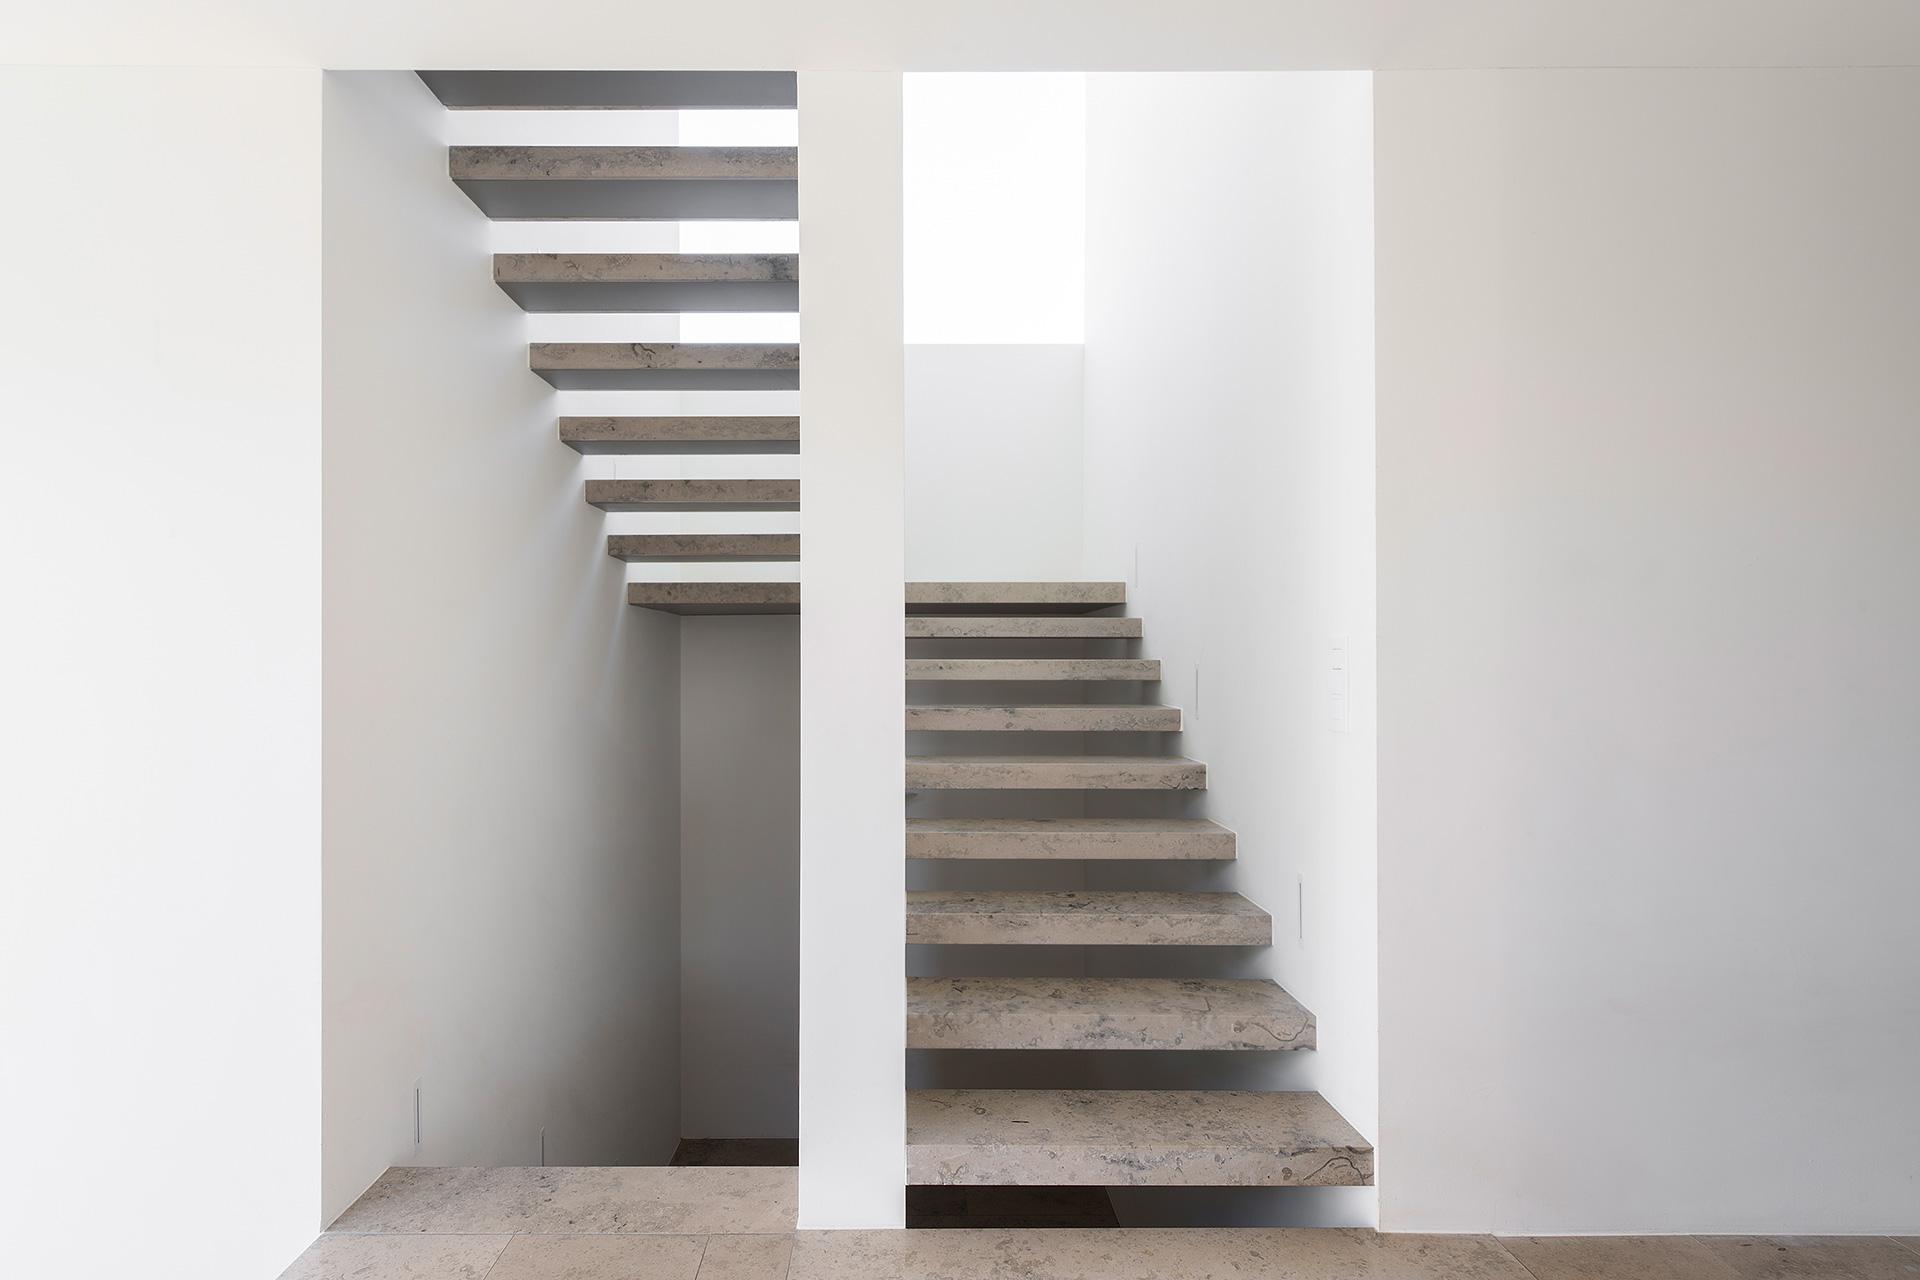 Pfister Klingenfuss Architekten, Haus H, Mörschwil, Treppe